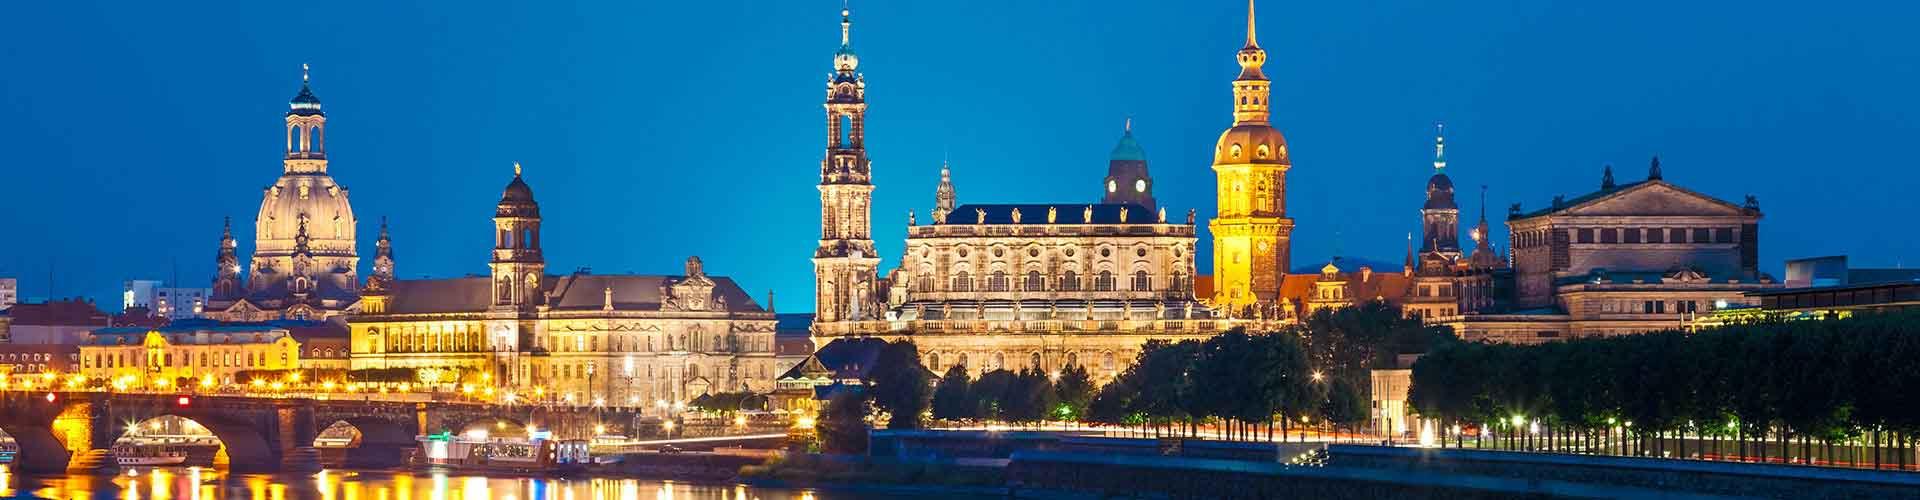 Dresda – Albergues em Dresda. Mapas para Dresda, Fotos e Avaliações para cada Albergue em Dresda.